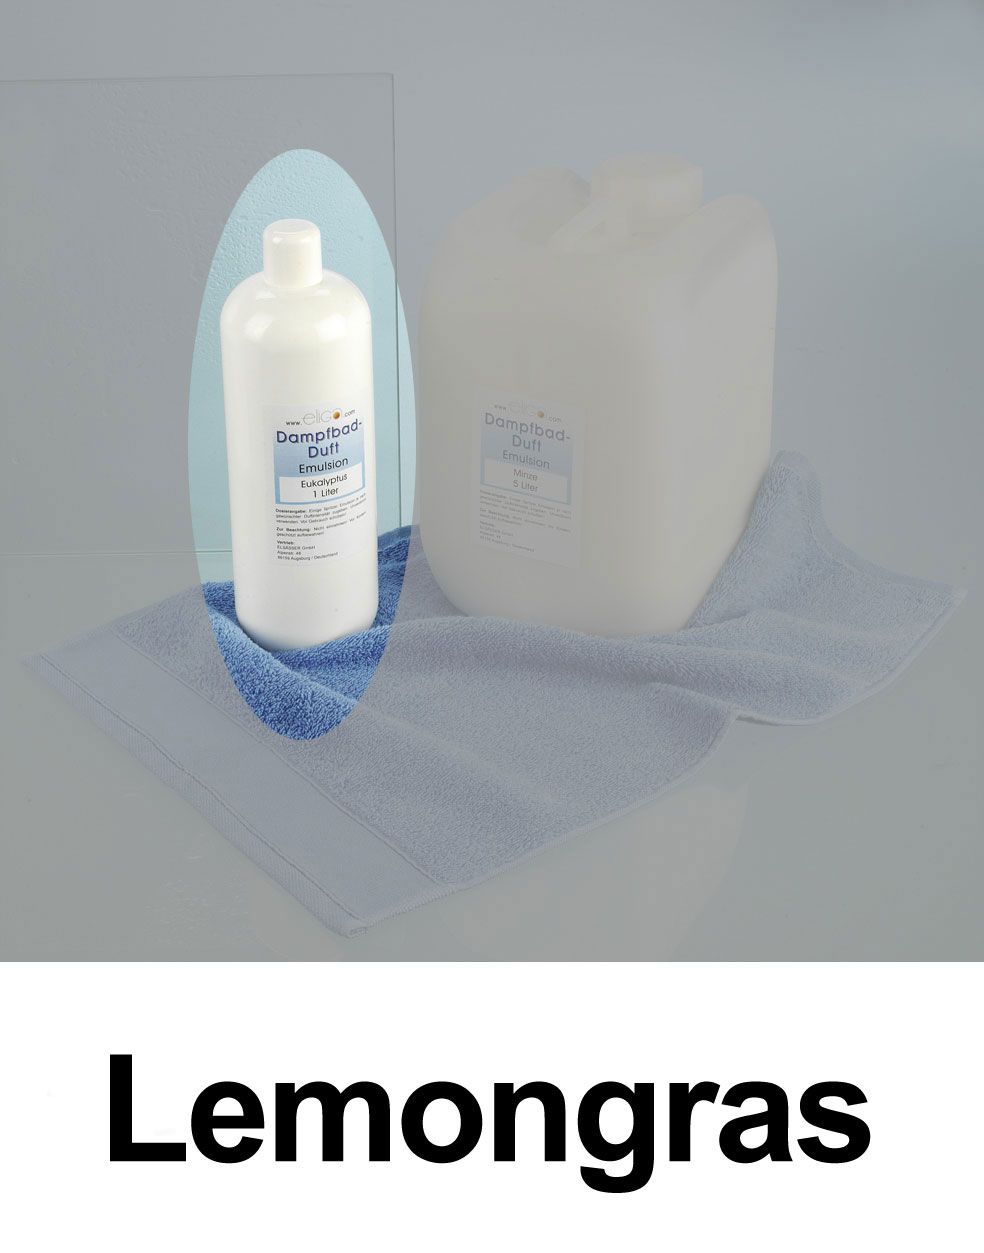 Eliga Dampfbad Duft Lemongras 1 Liter Bild 1